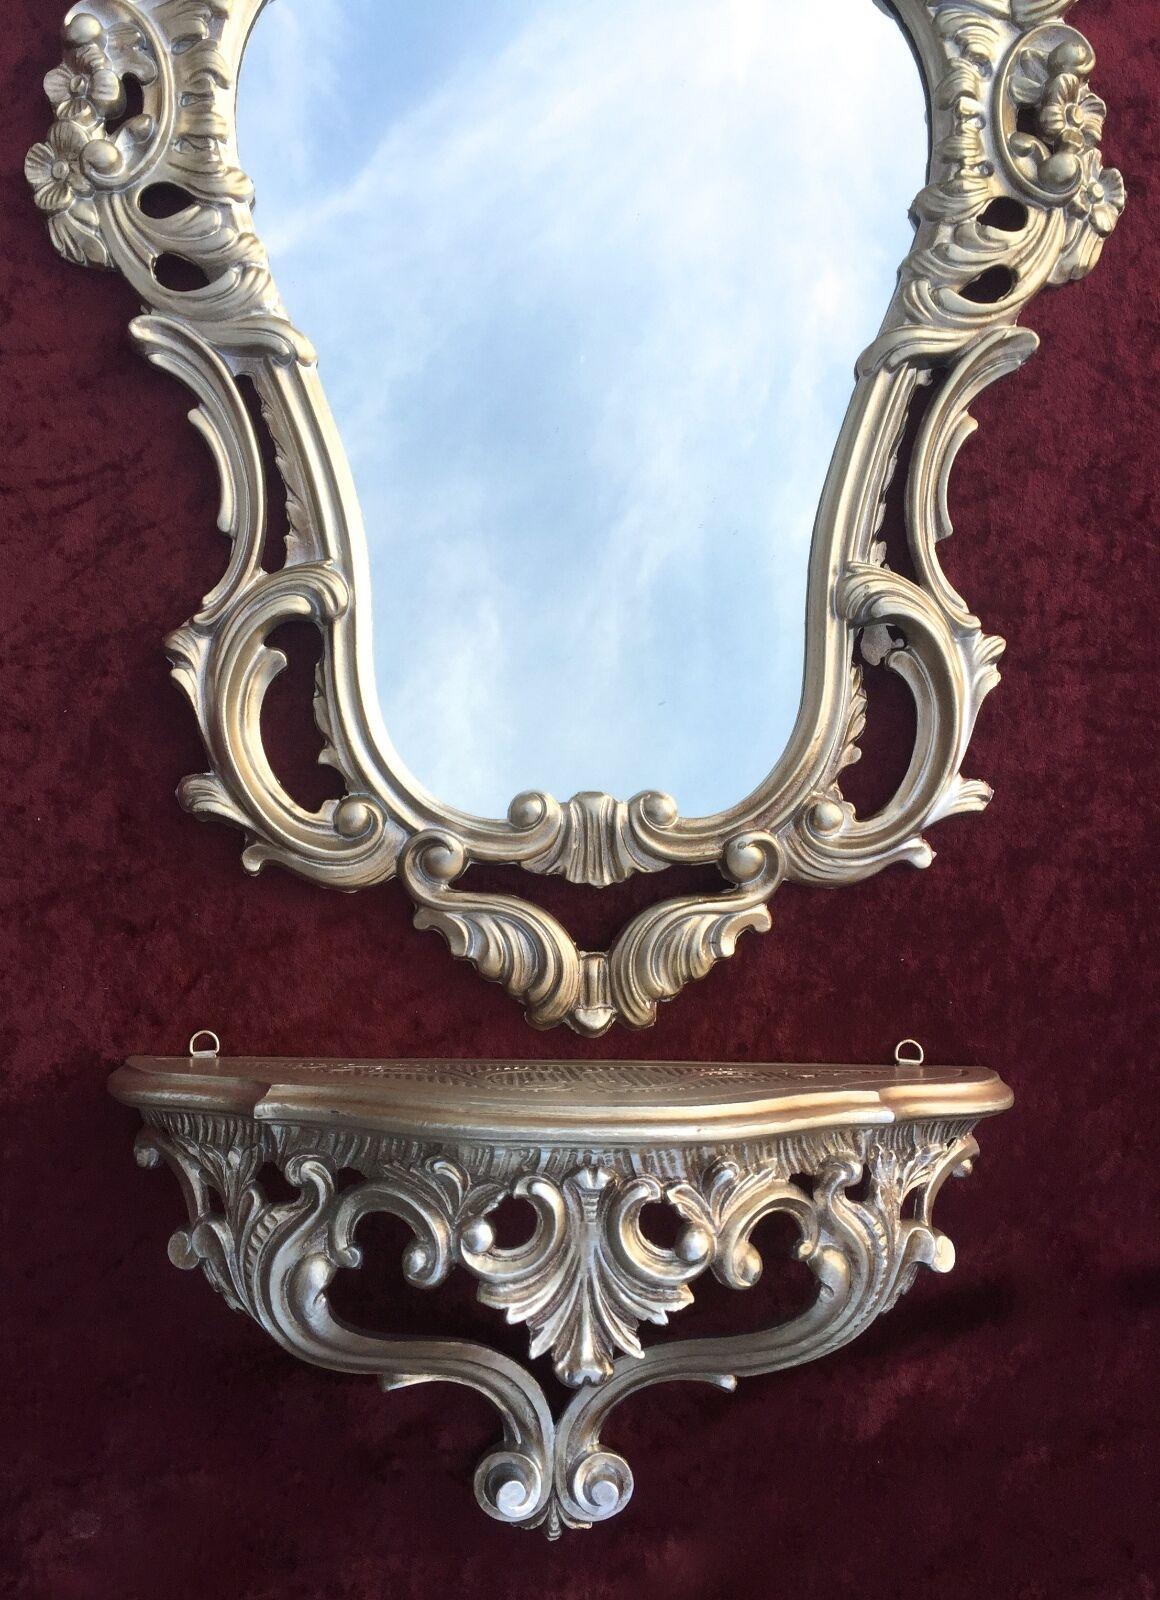 Konsolen Antik Wandspiegel Mit Wandkonsole Spiegel 50x76 Antik Barock Spiegelablage Weiß